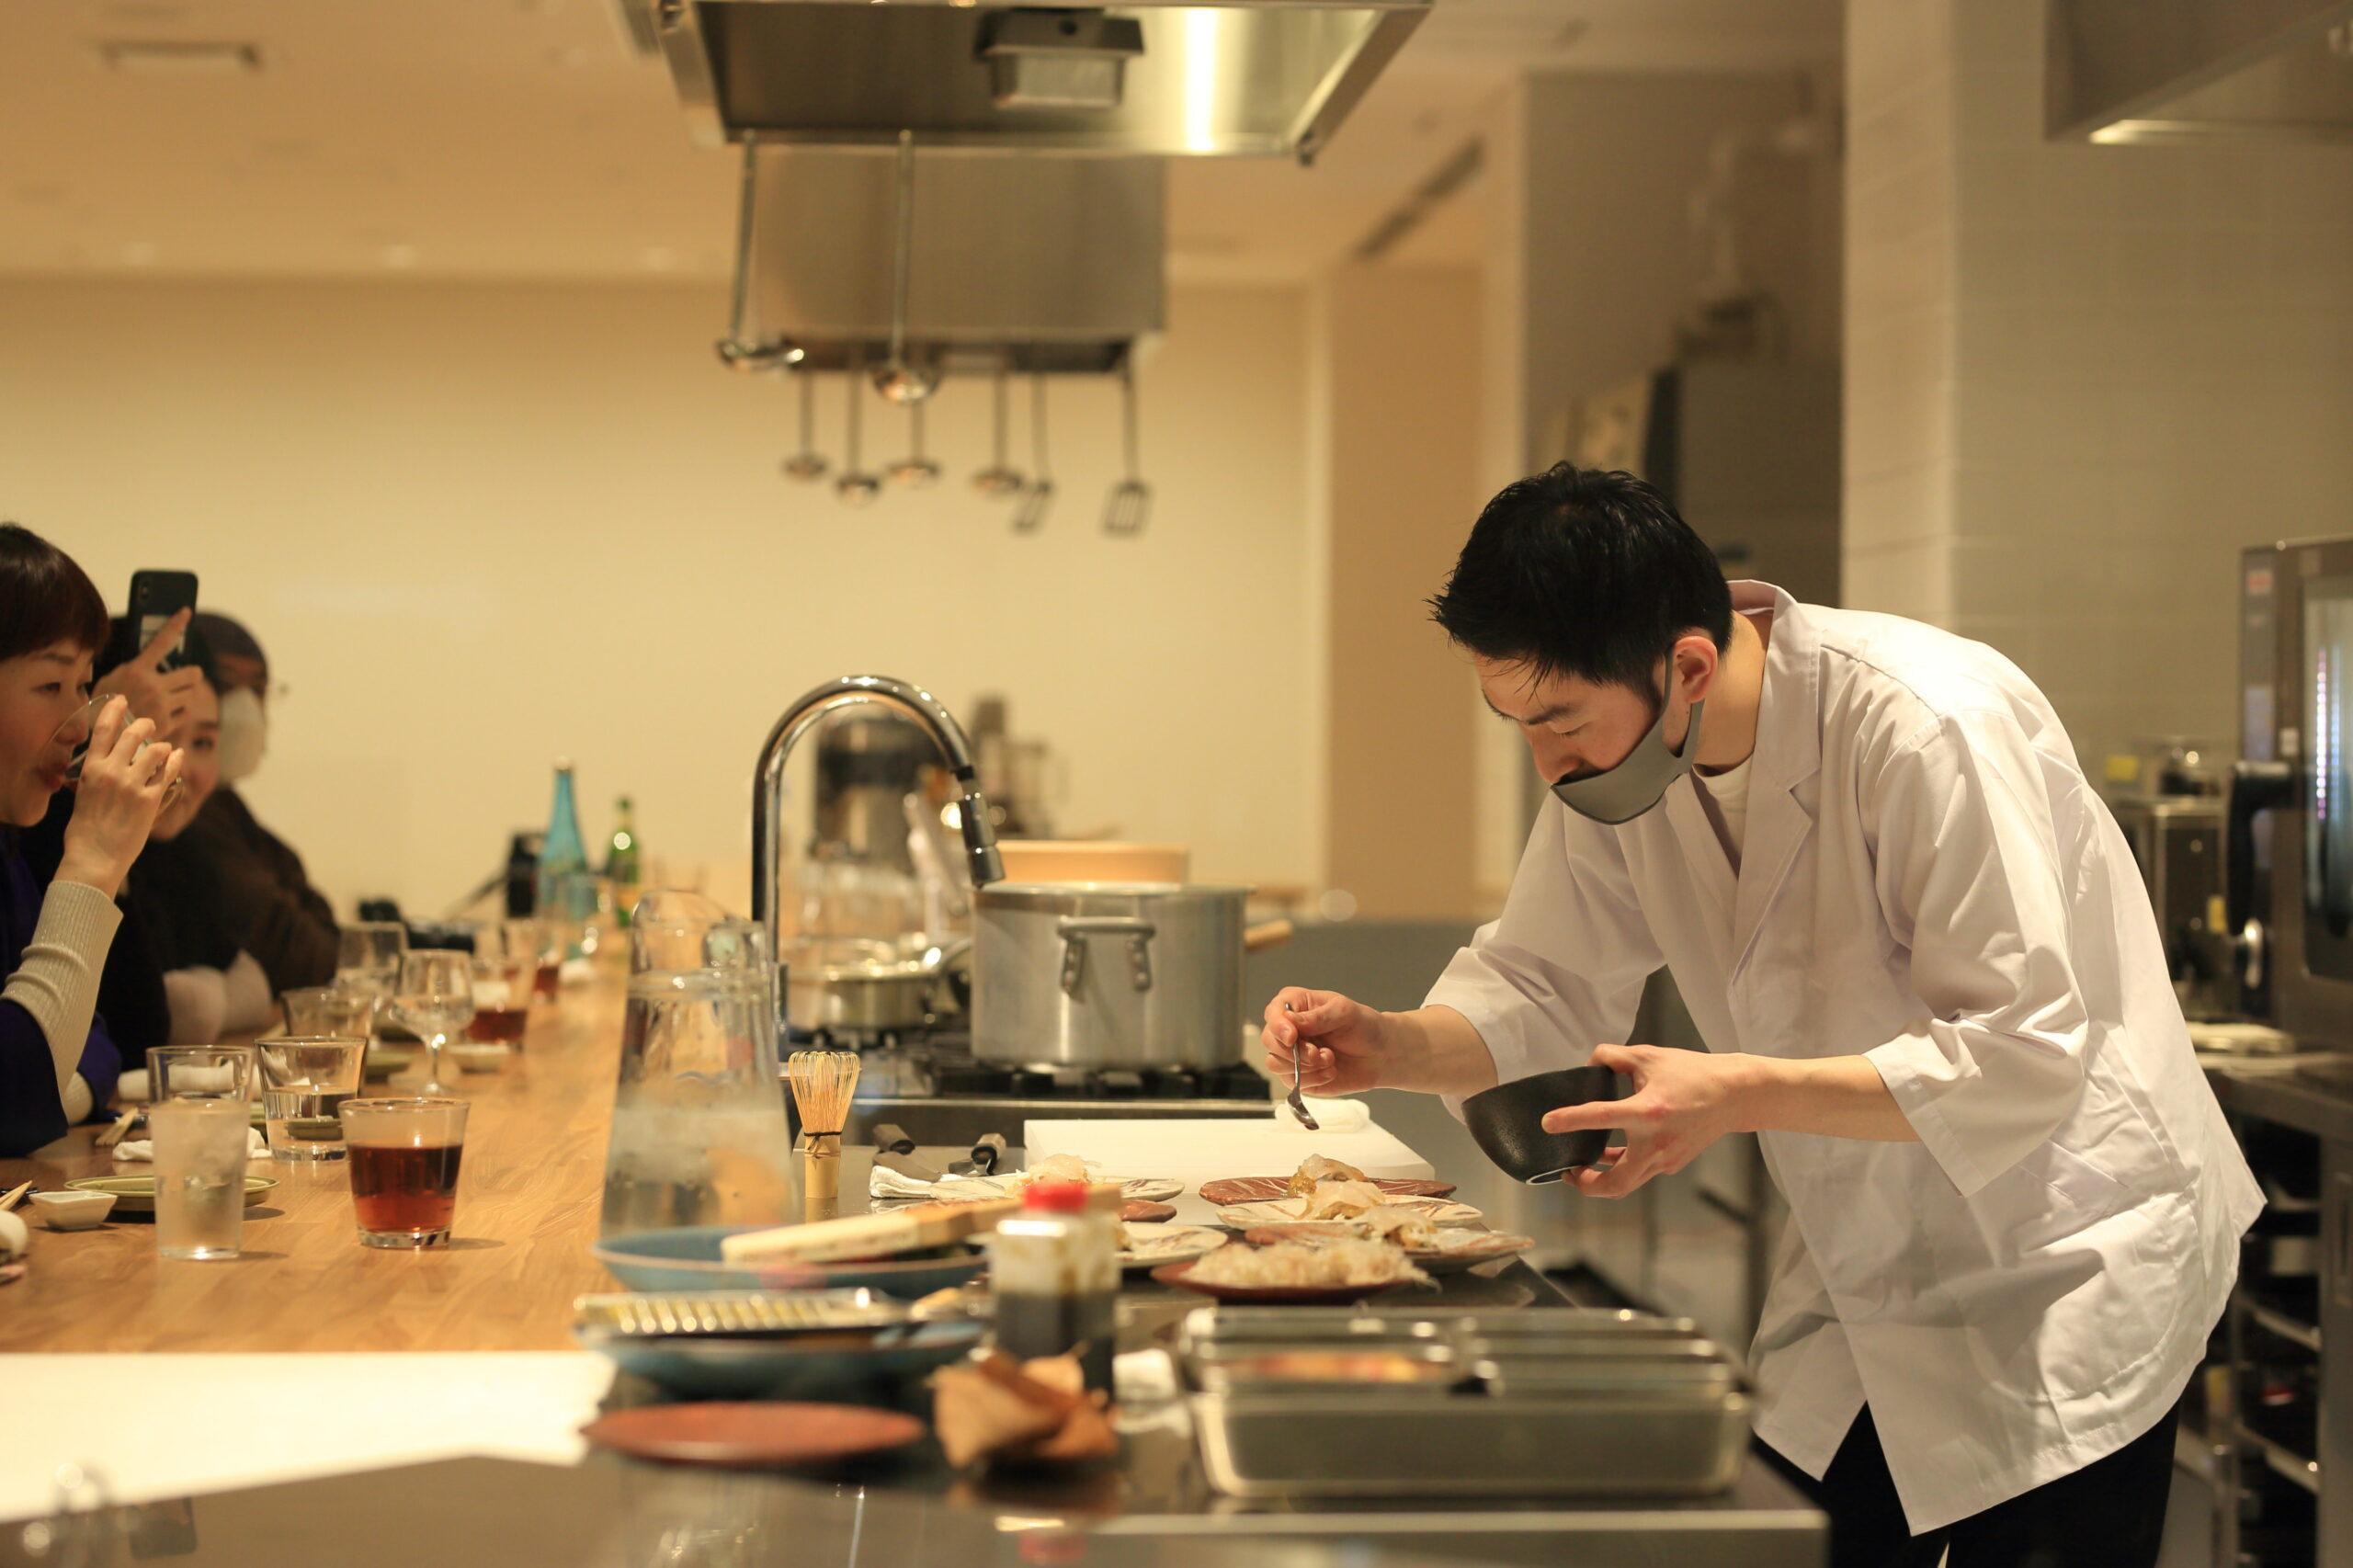 ポップアップイベントにて料理を作る酒井さんの写真